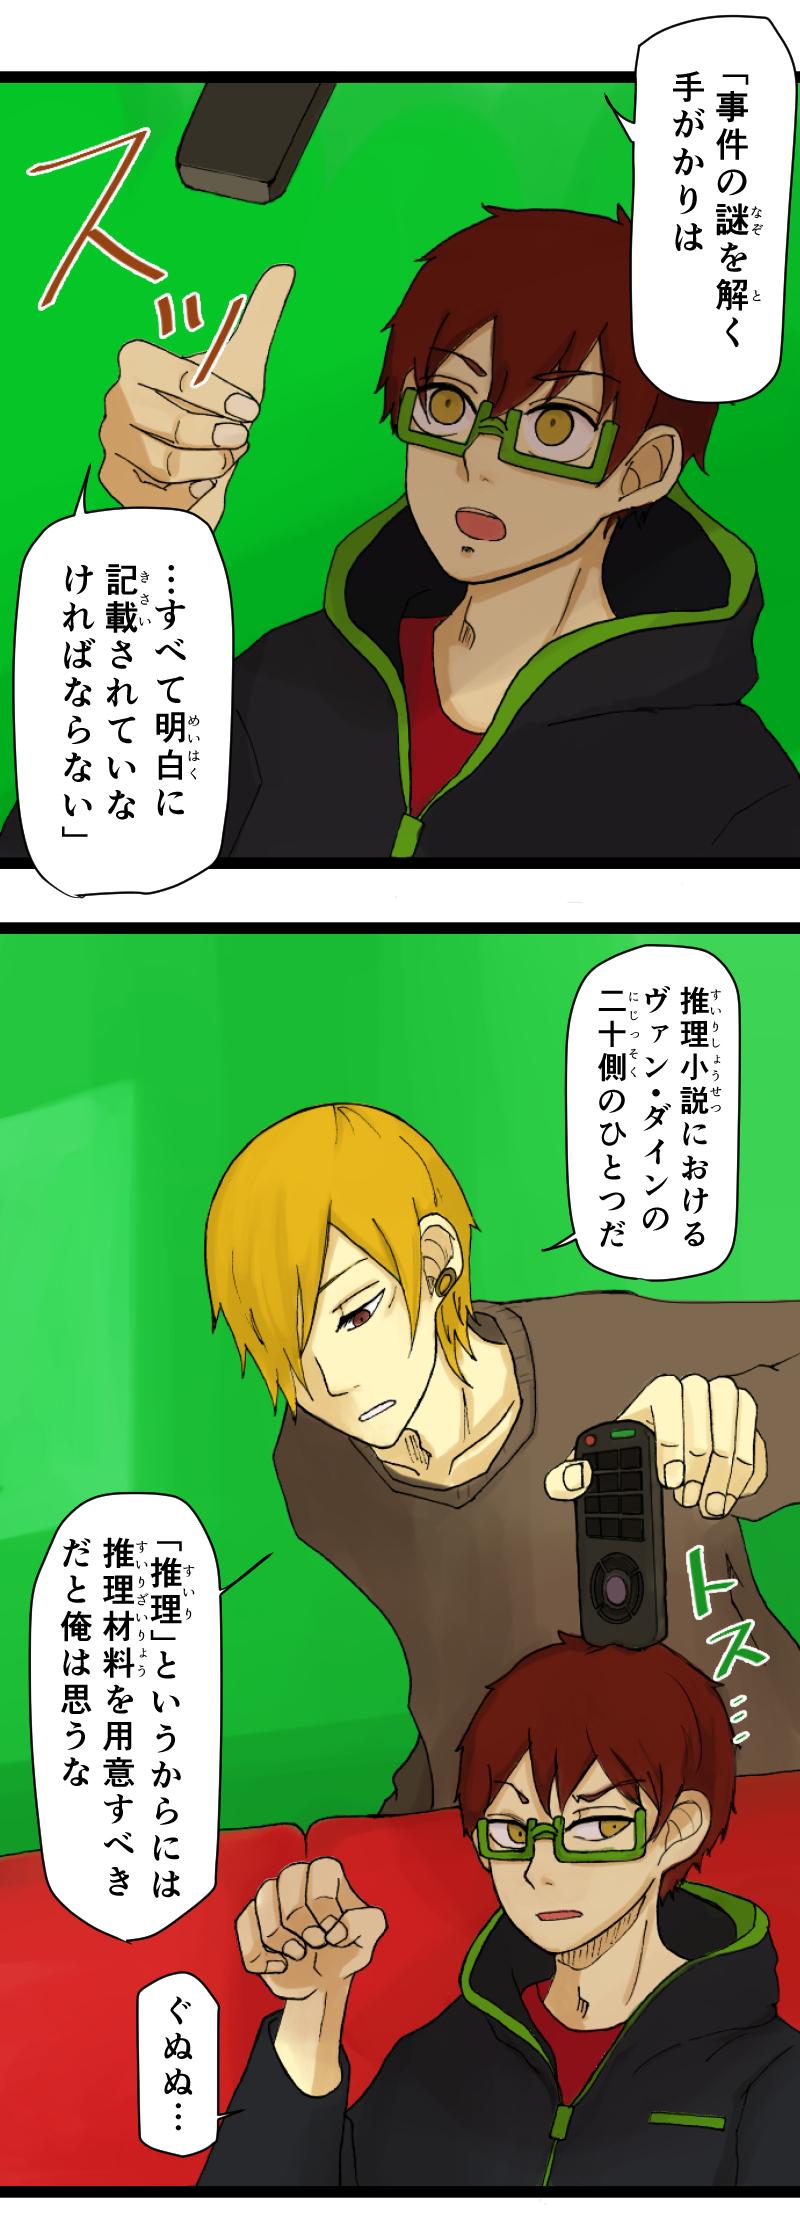 コーヒーとペナルティ3(前編)